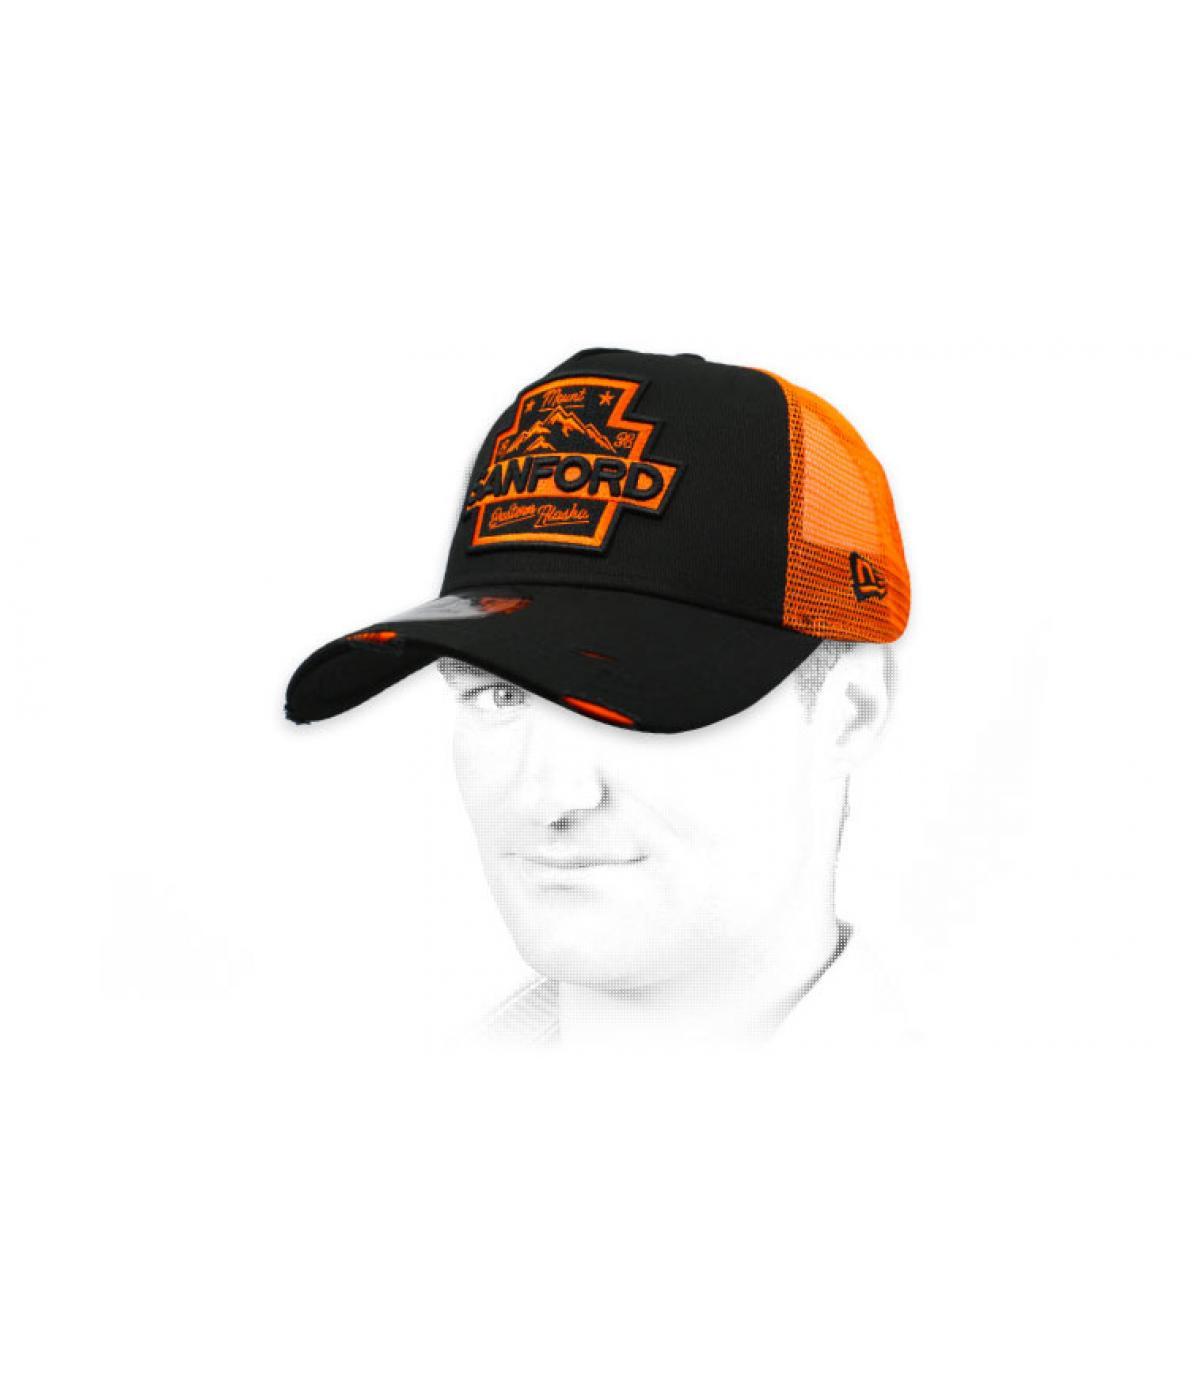 Trucker Sanford schwarz orange